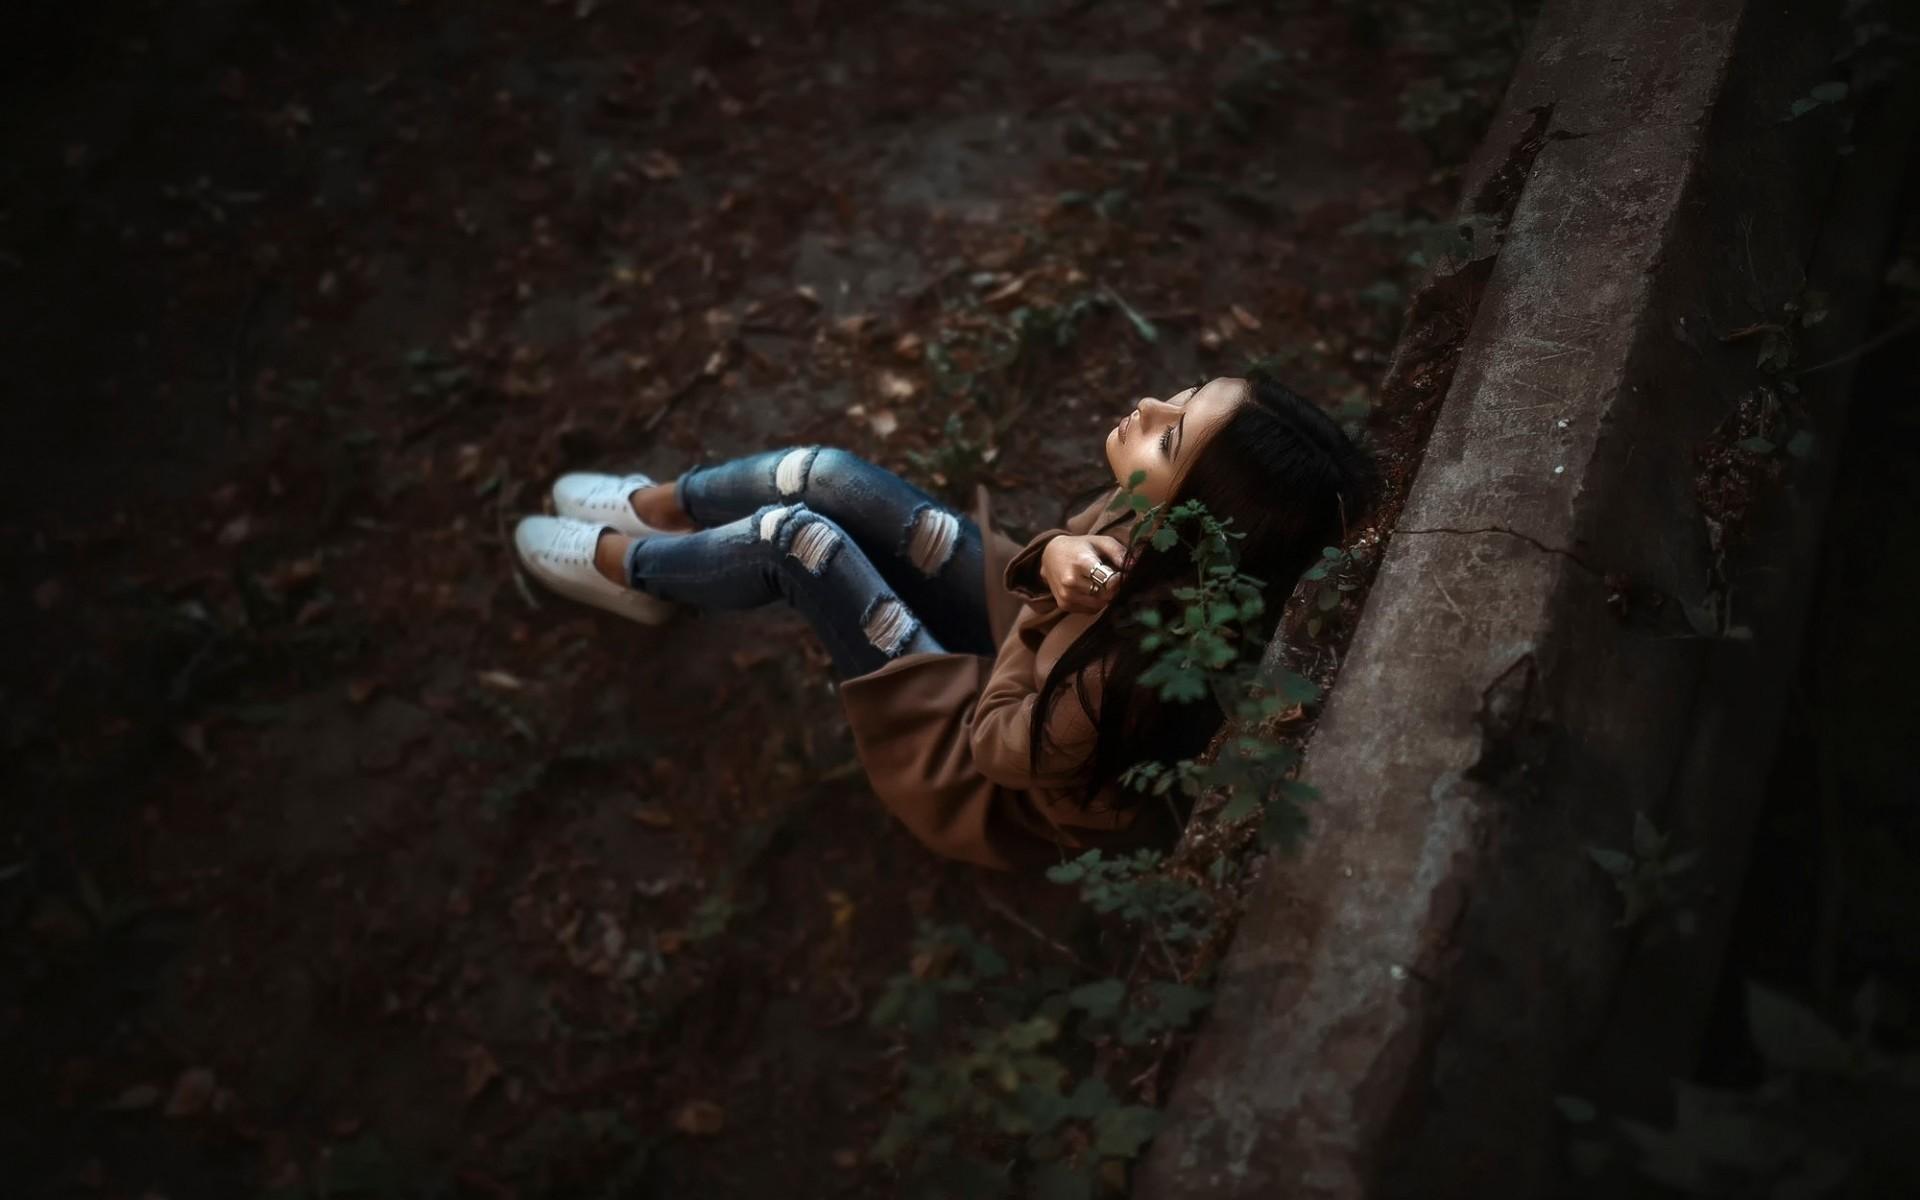 Hình ảnh cô đơn, đau khổ đẹp